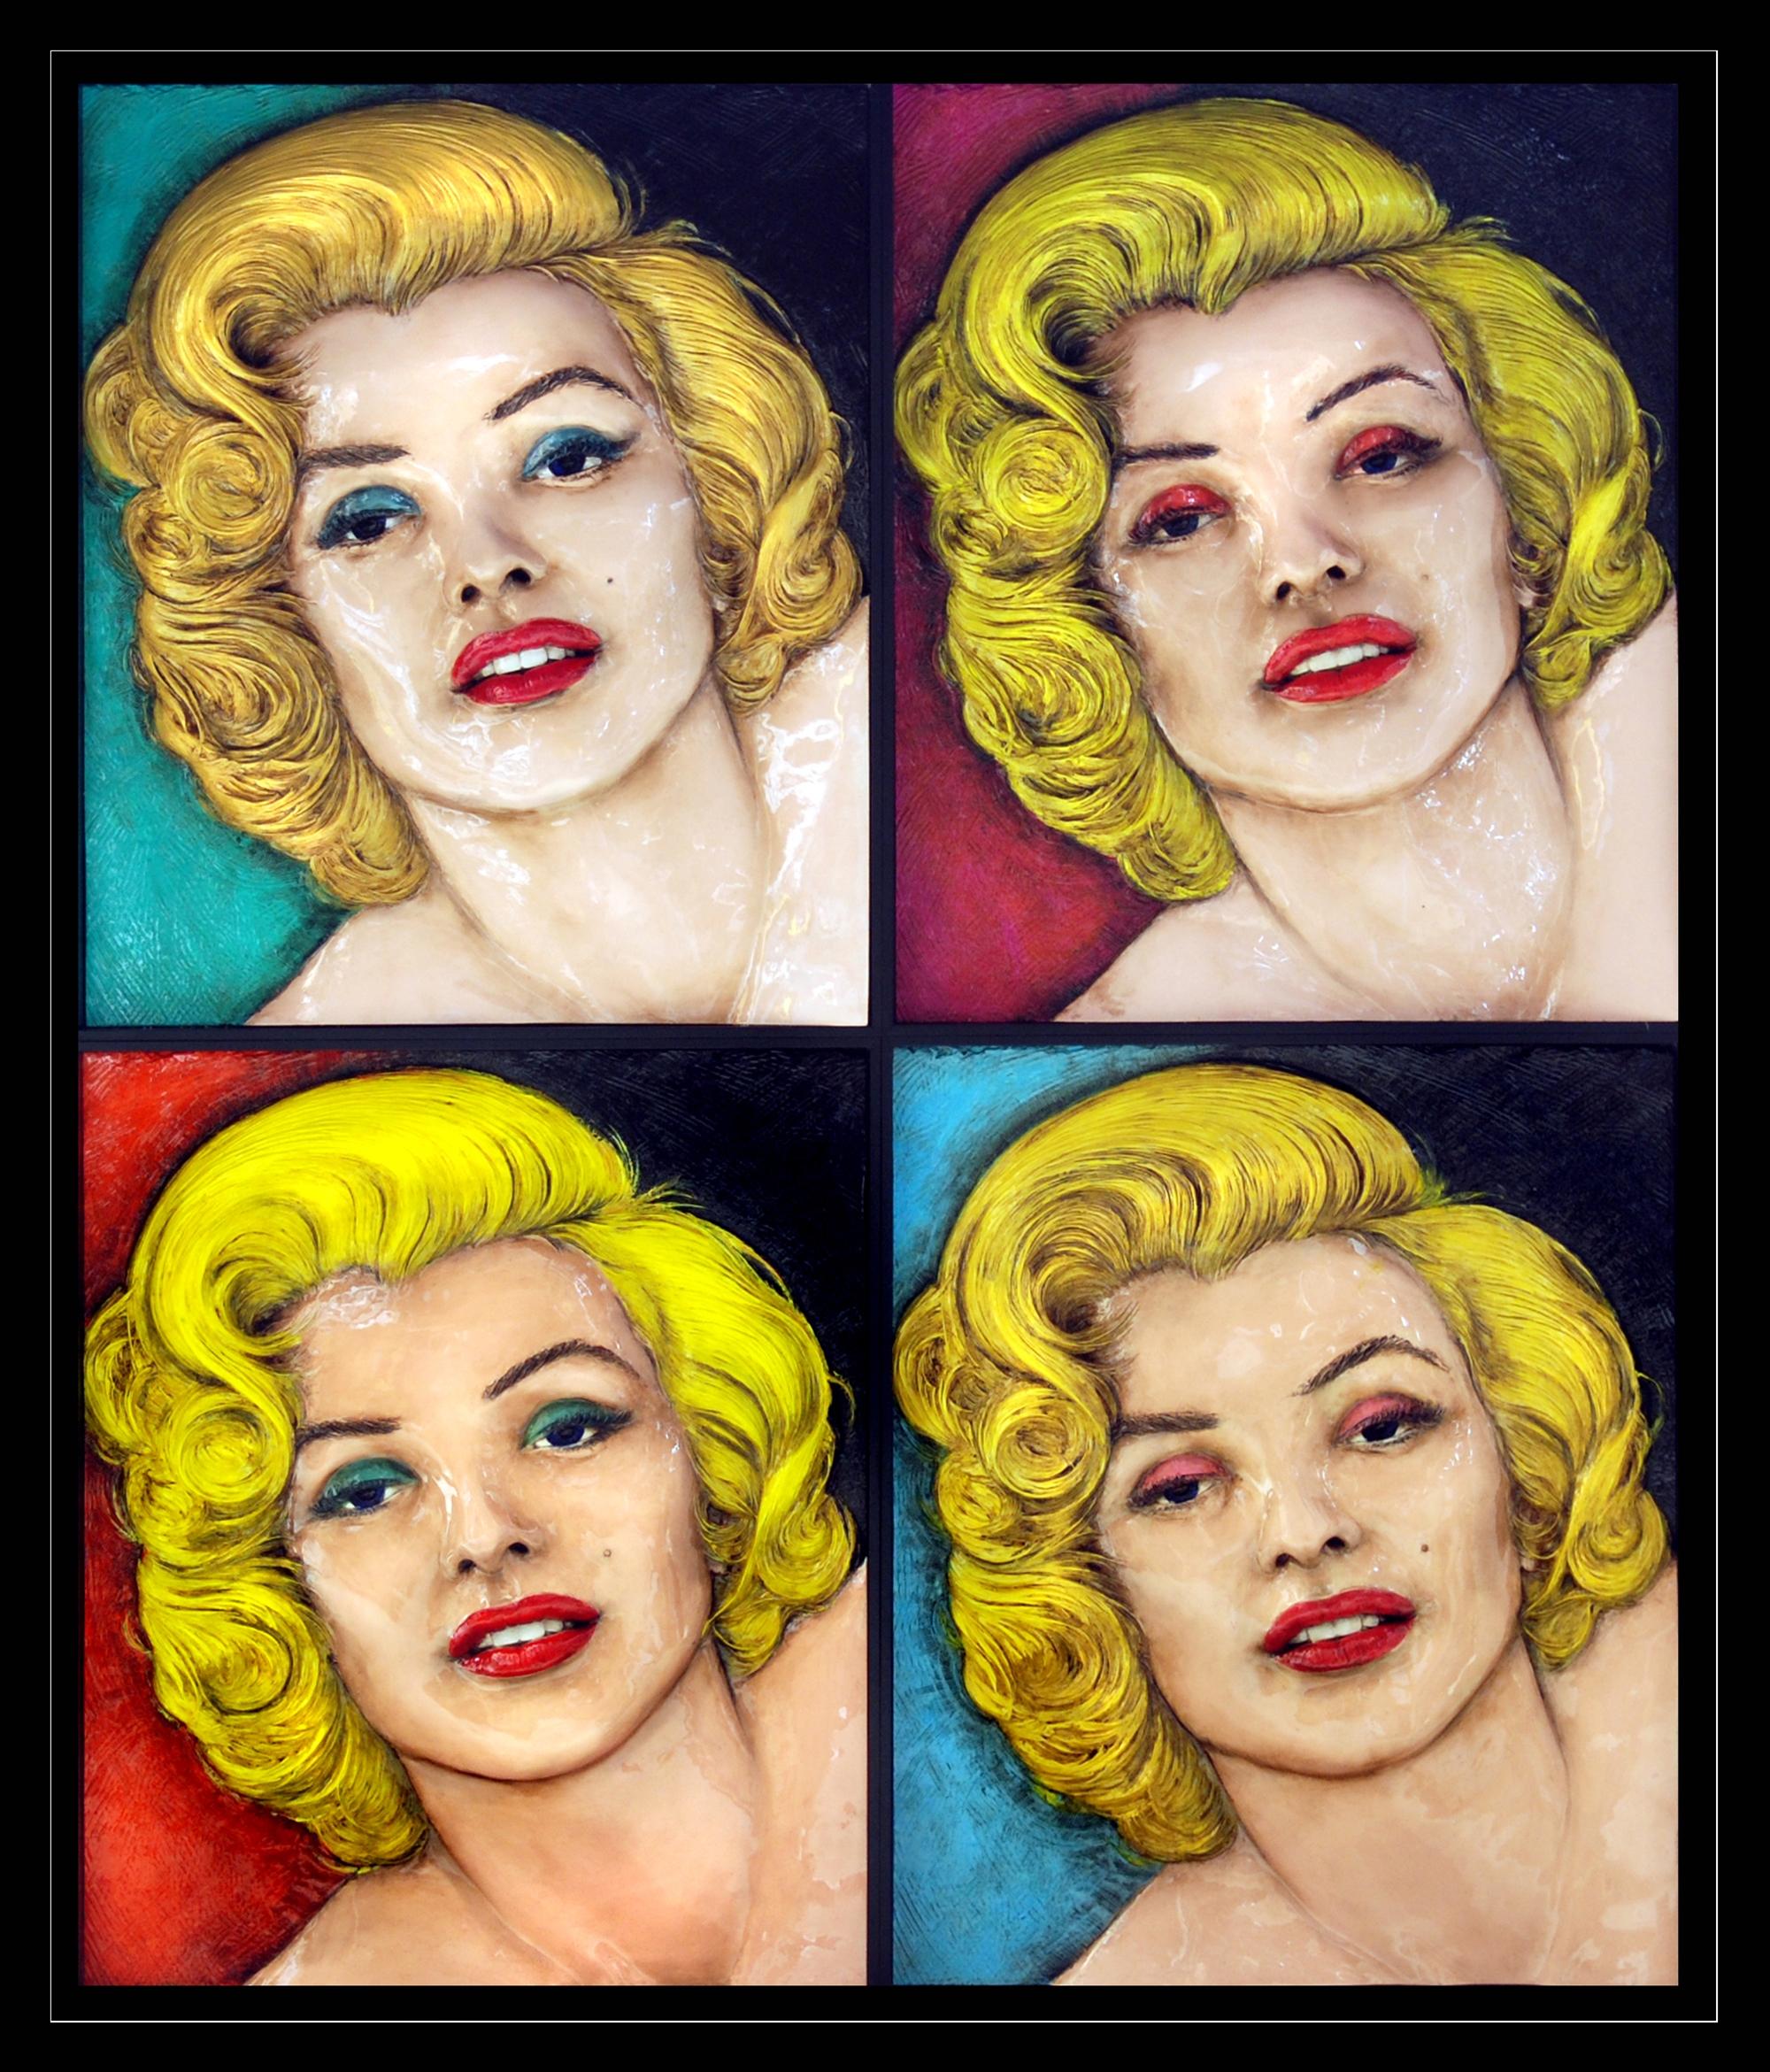 Warhol 4 Marilyns by Bill Mack